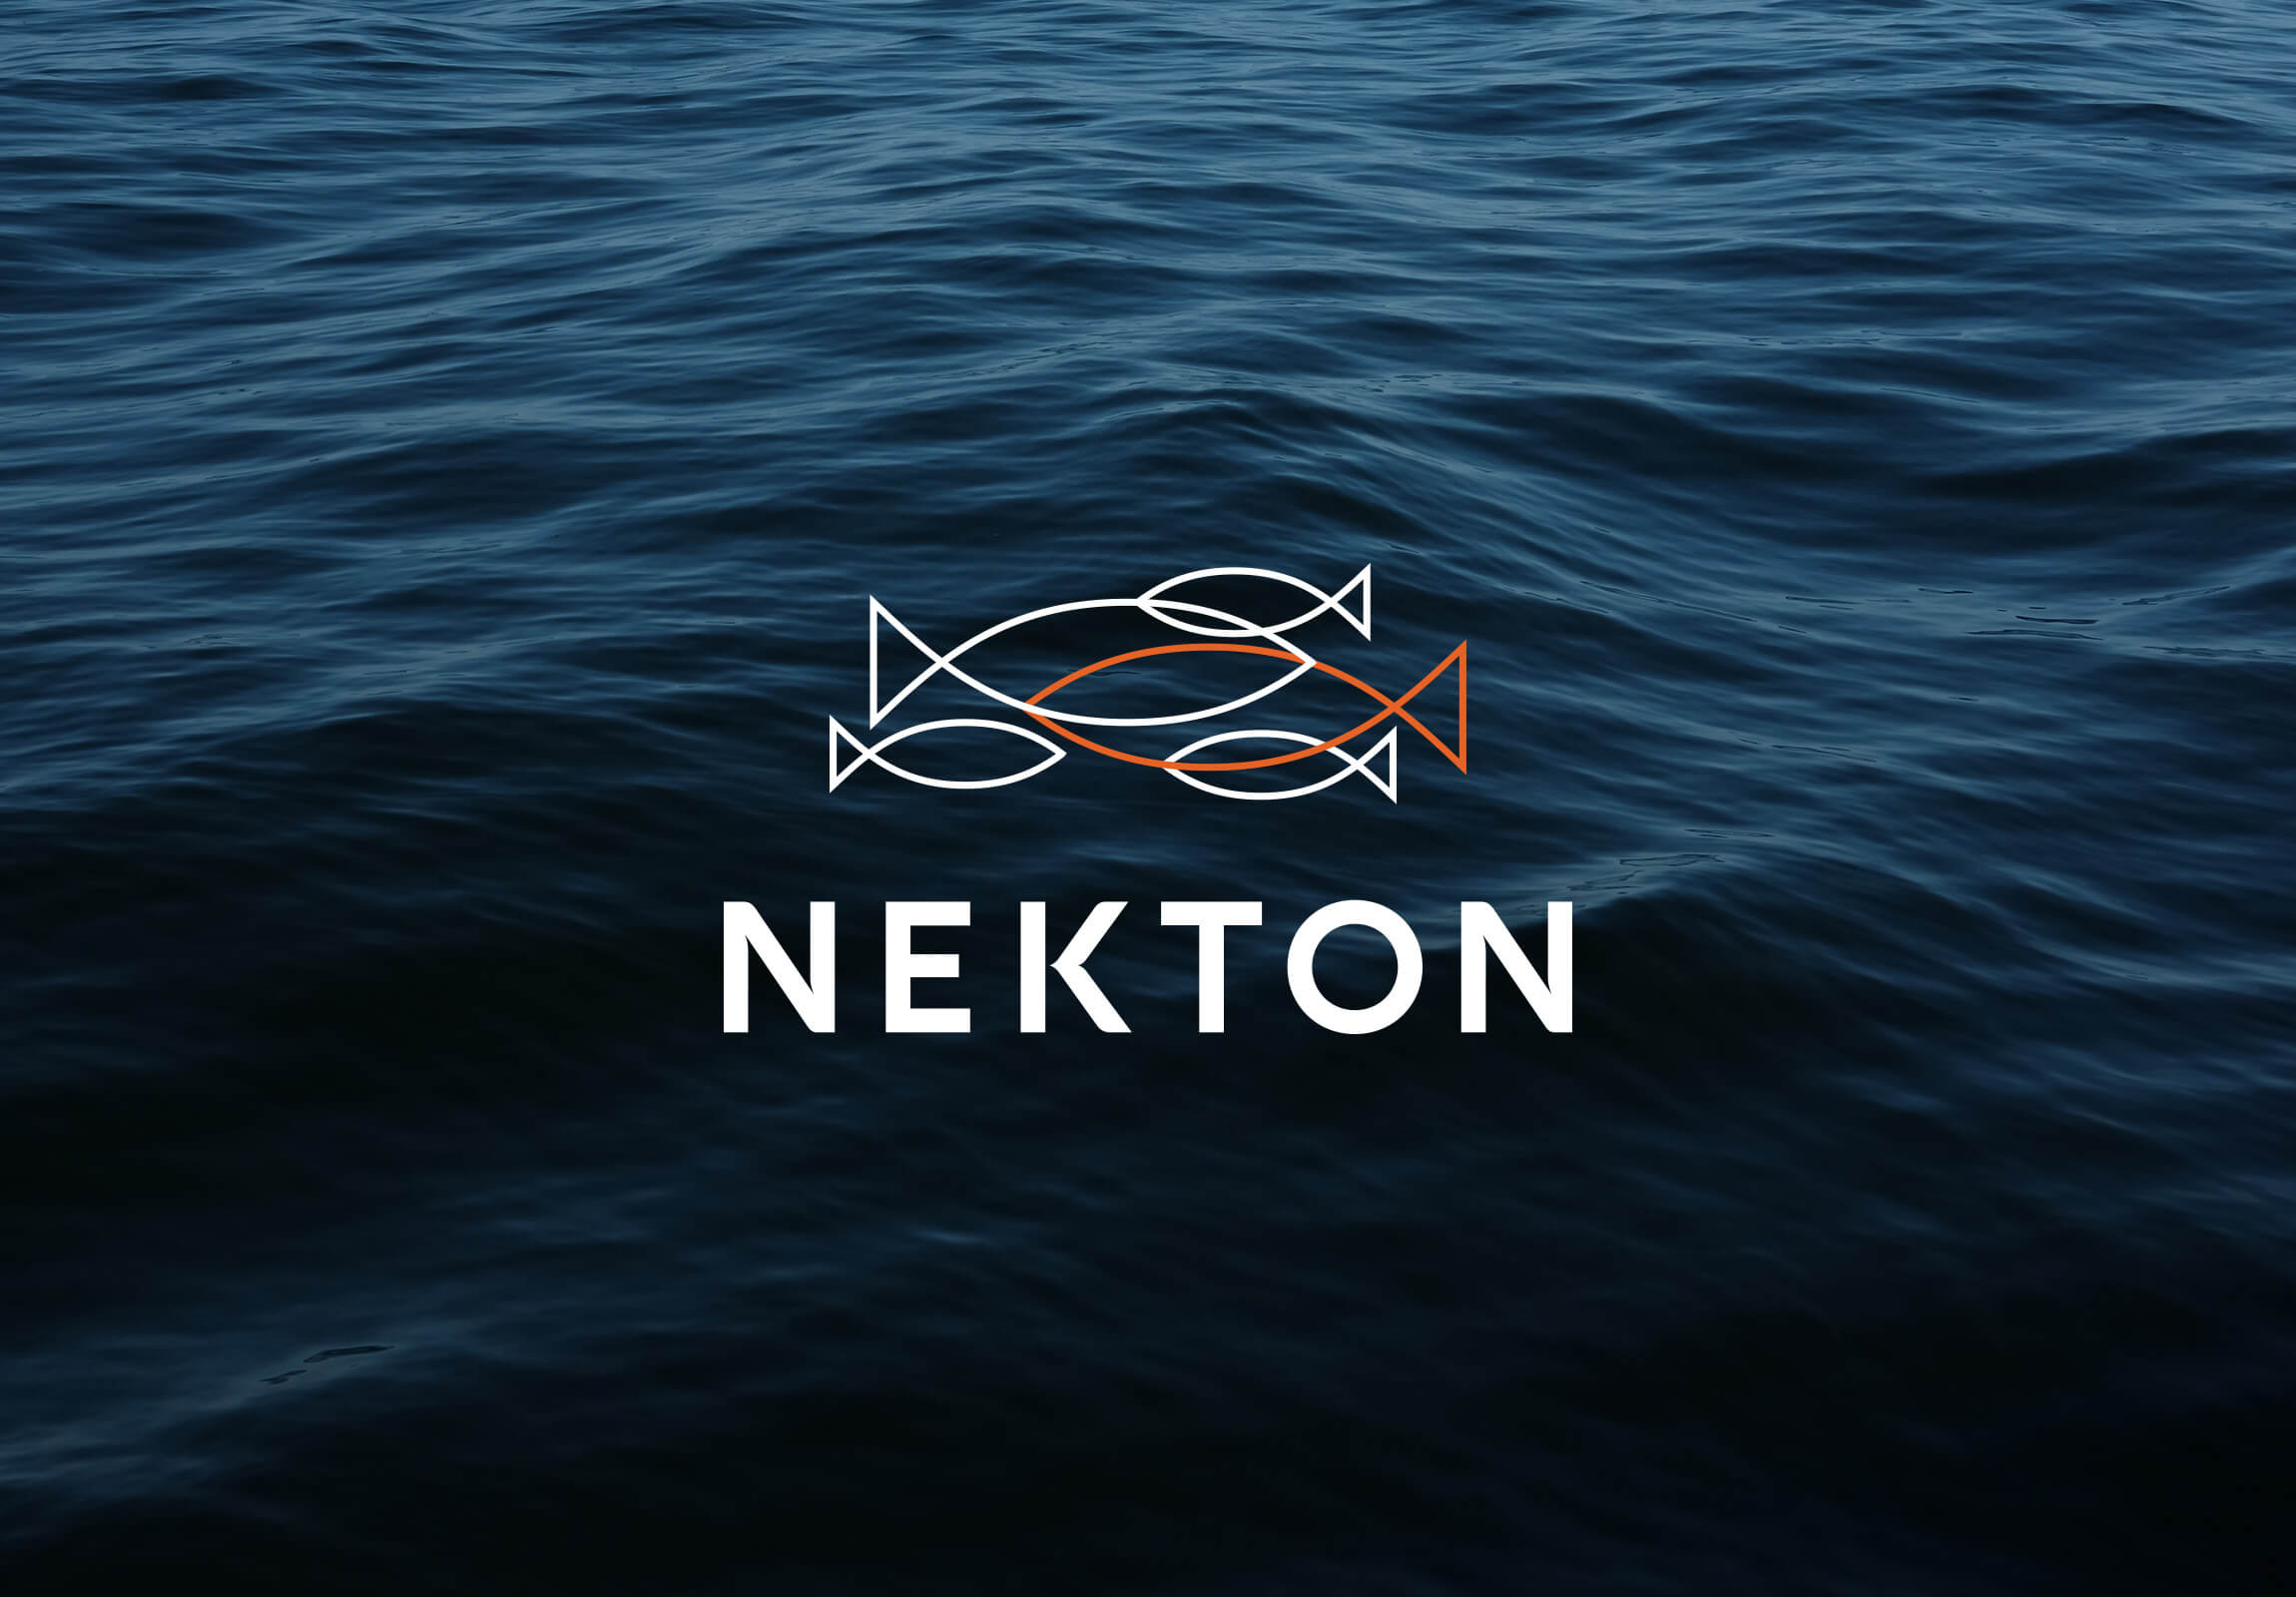 Nekton | Petchy